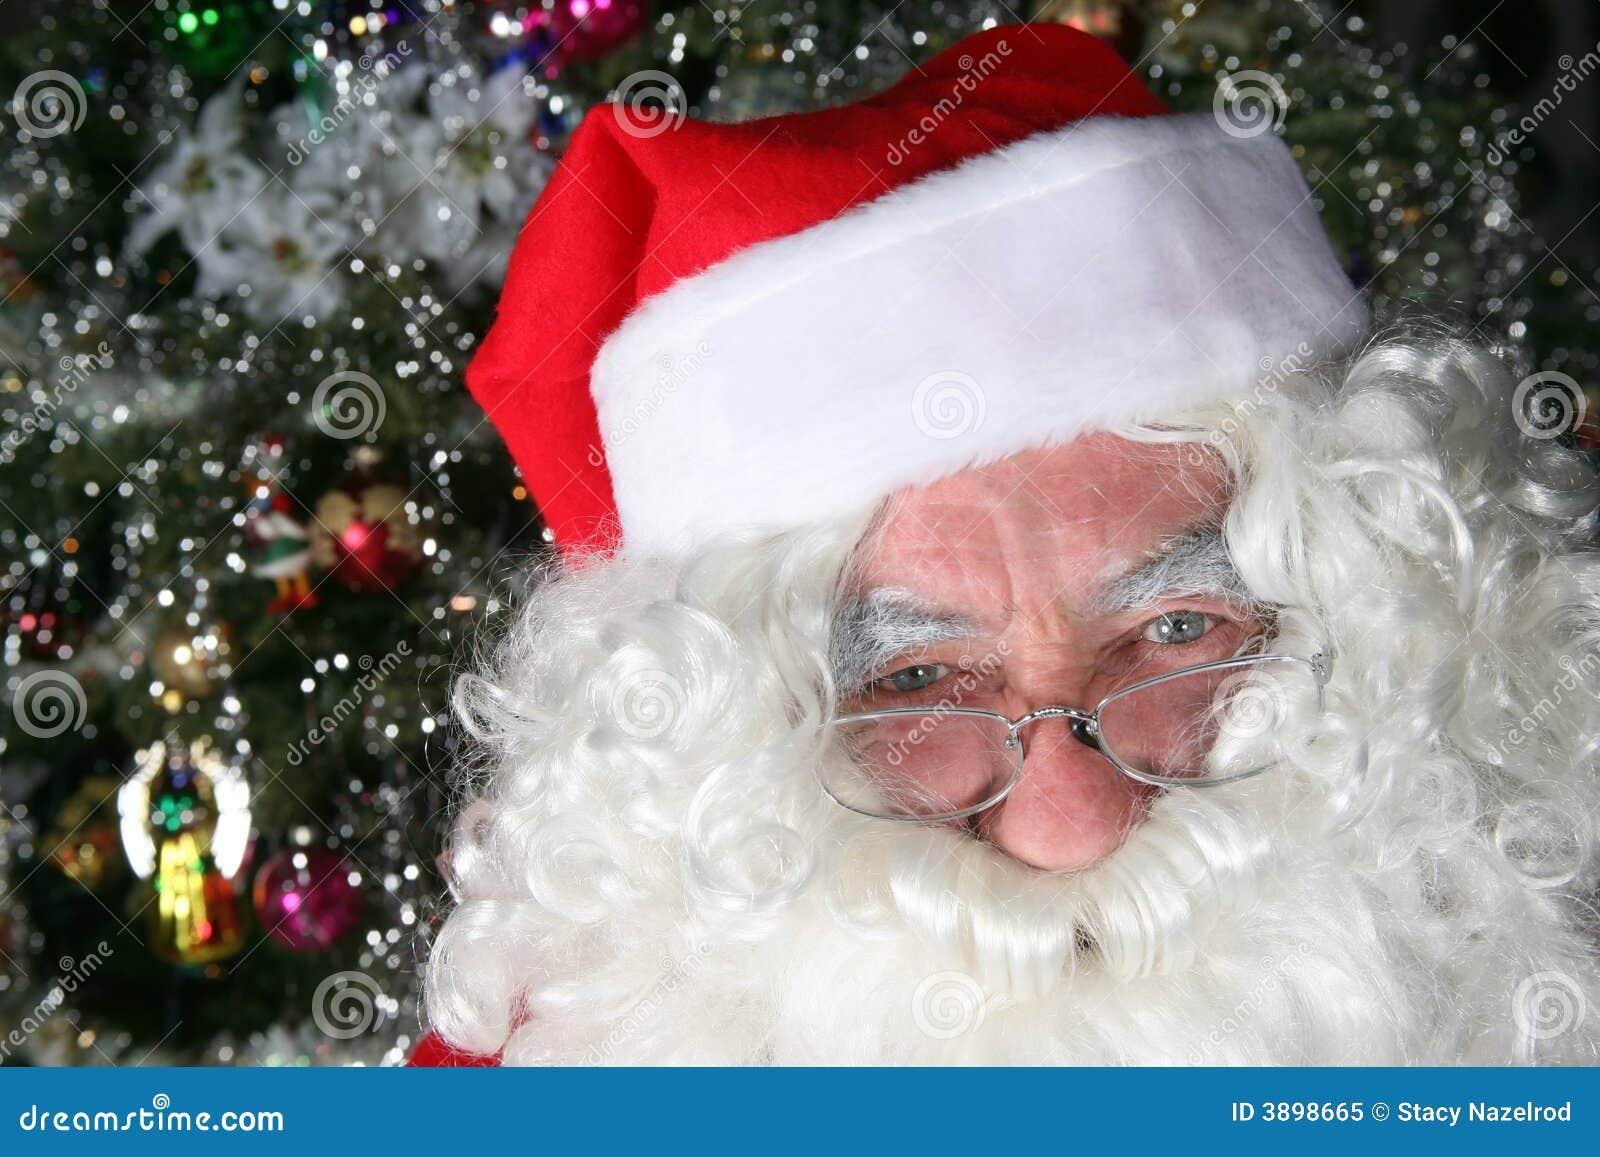 Santa klauzul